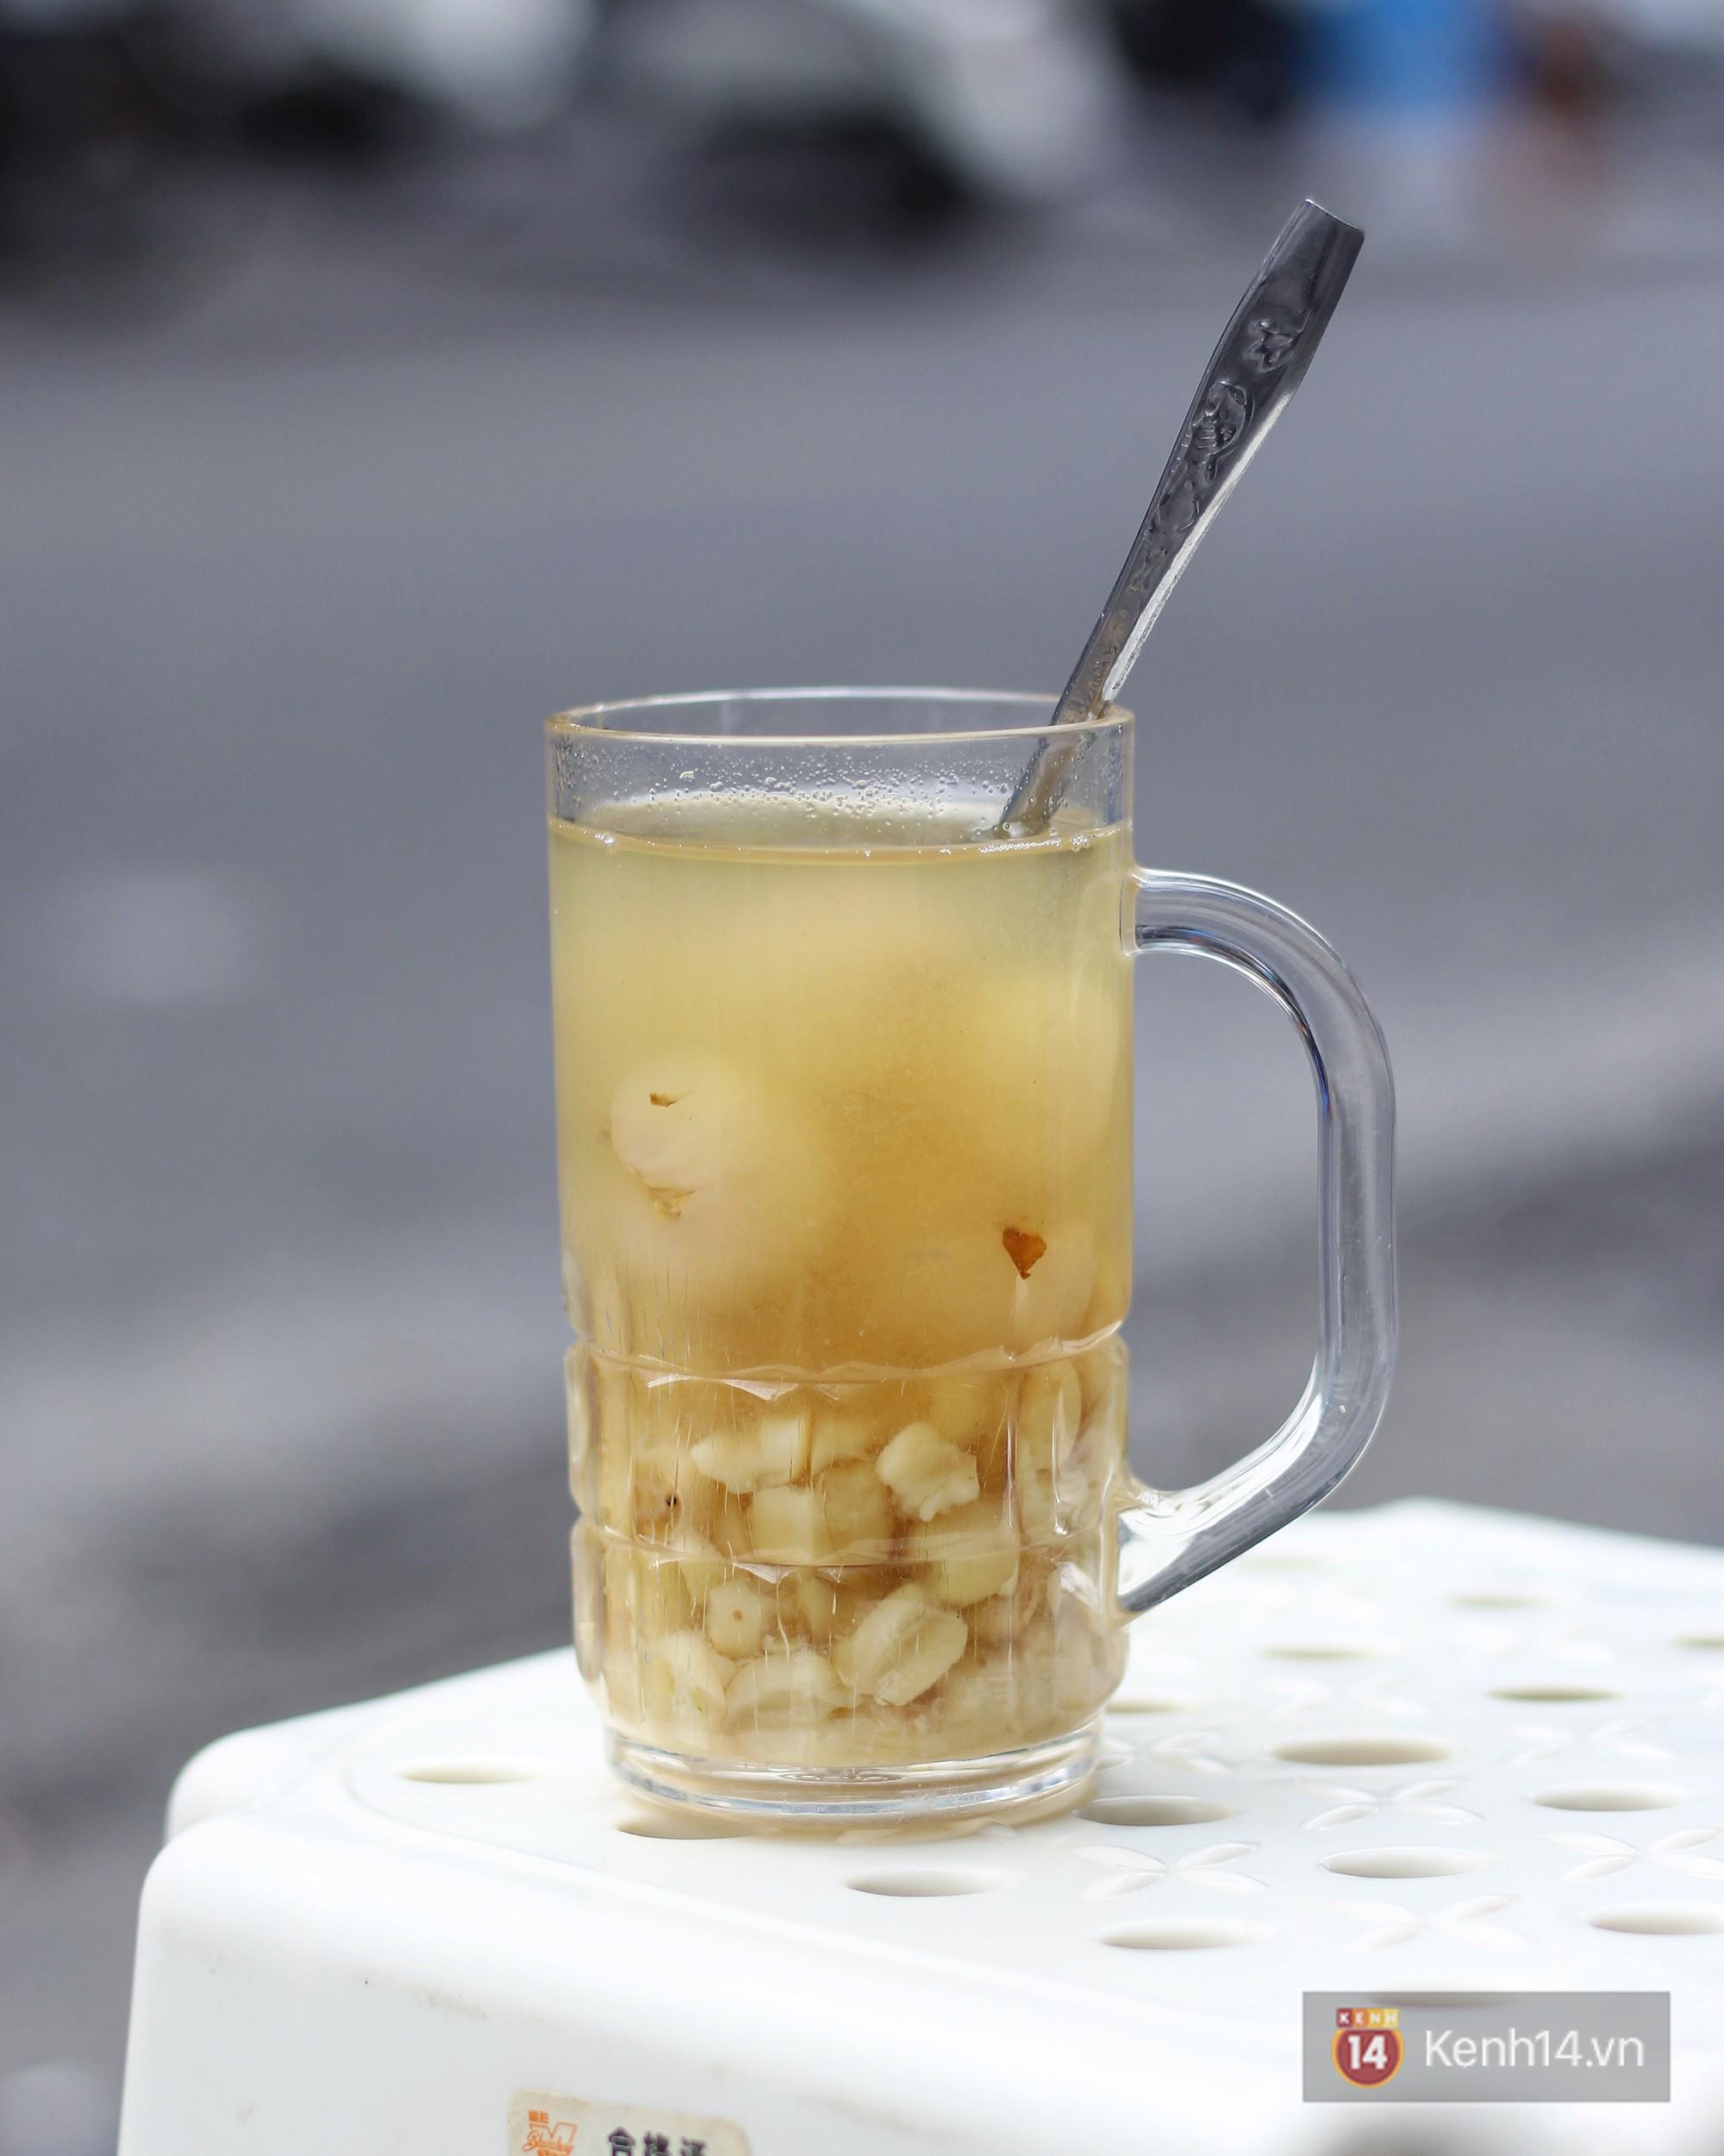 Ở Hà Nội có một món chè mà nhất định đến mùa thì ăn mới ngon - Ảnh 1.